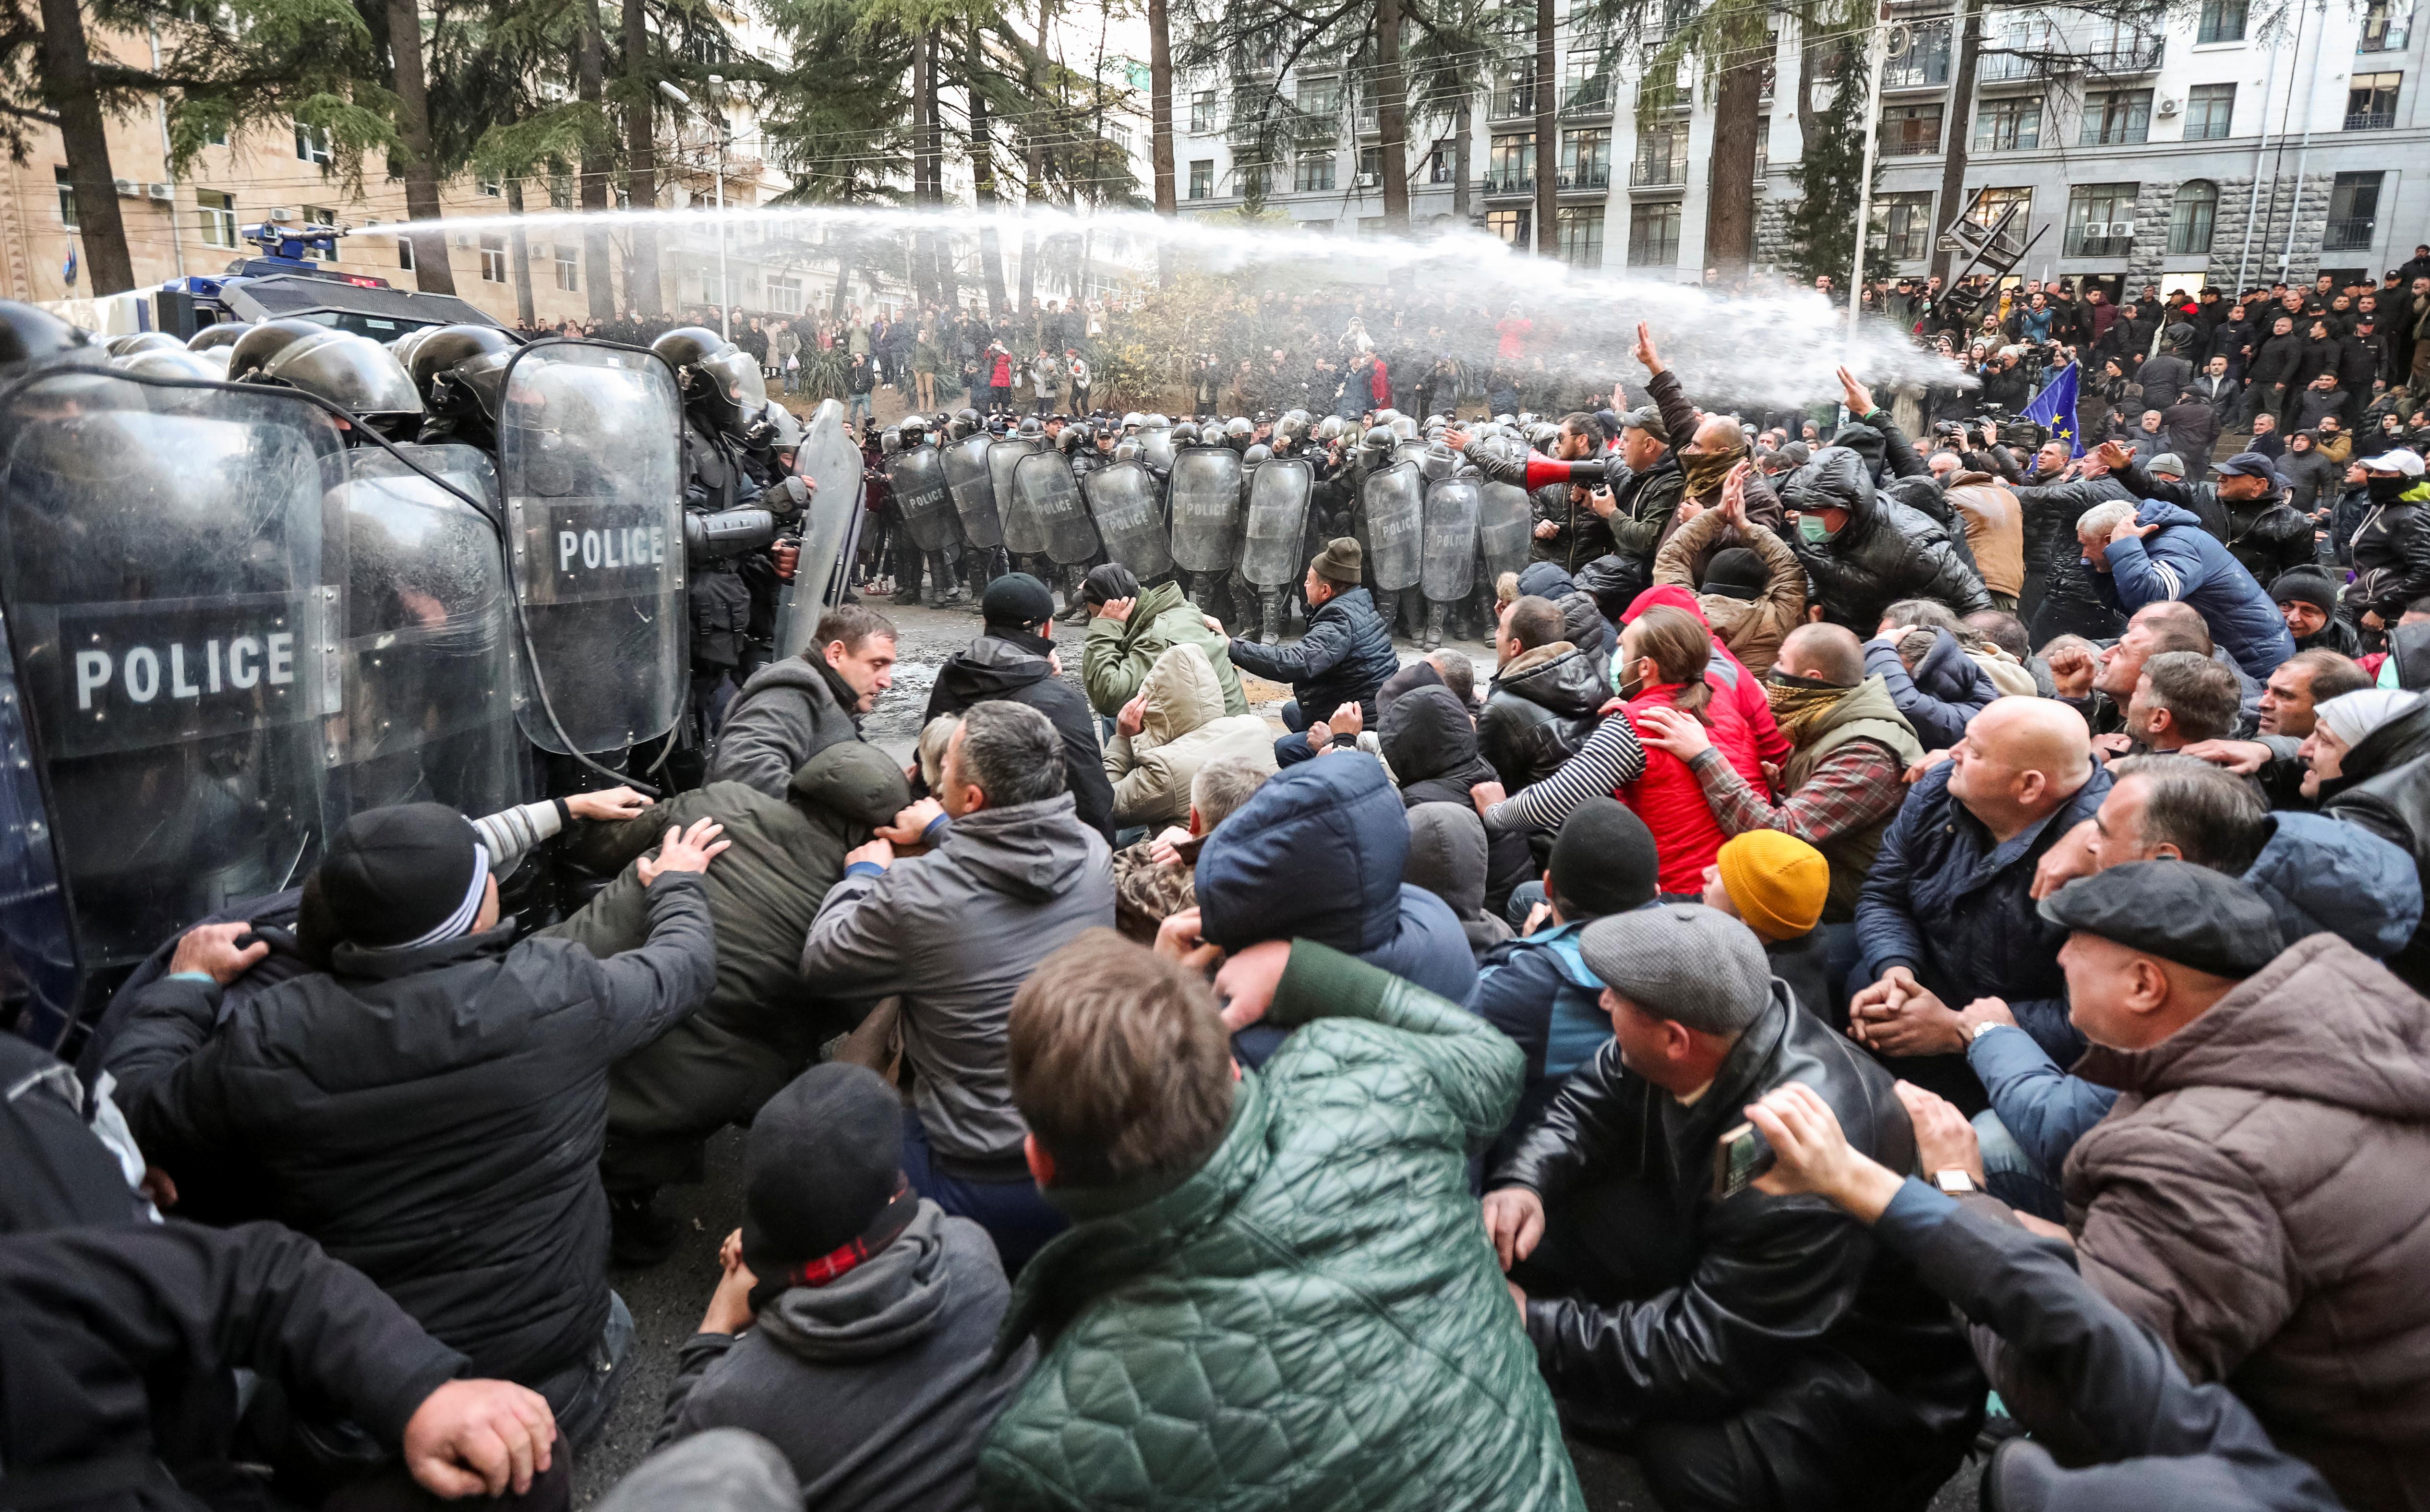 Γεωργία: Με δακρυγόνα και νερό προσπάθησαν να απωθήσουν τους διαδηλωτές